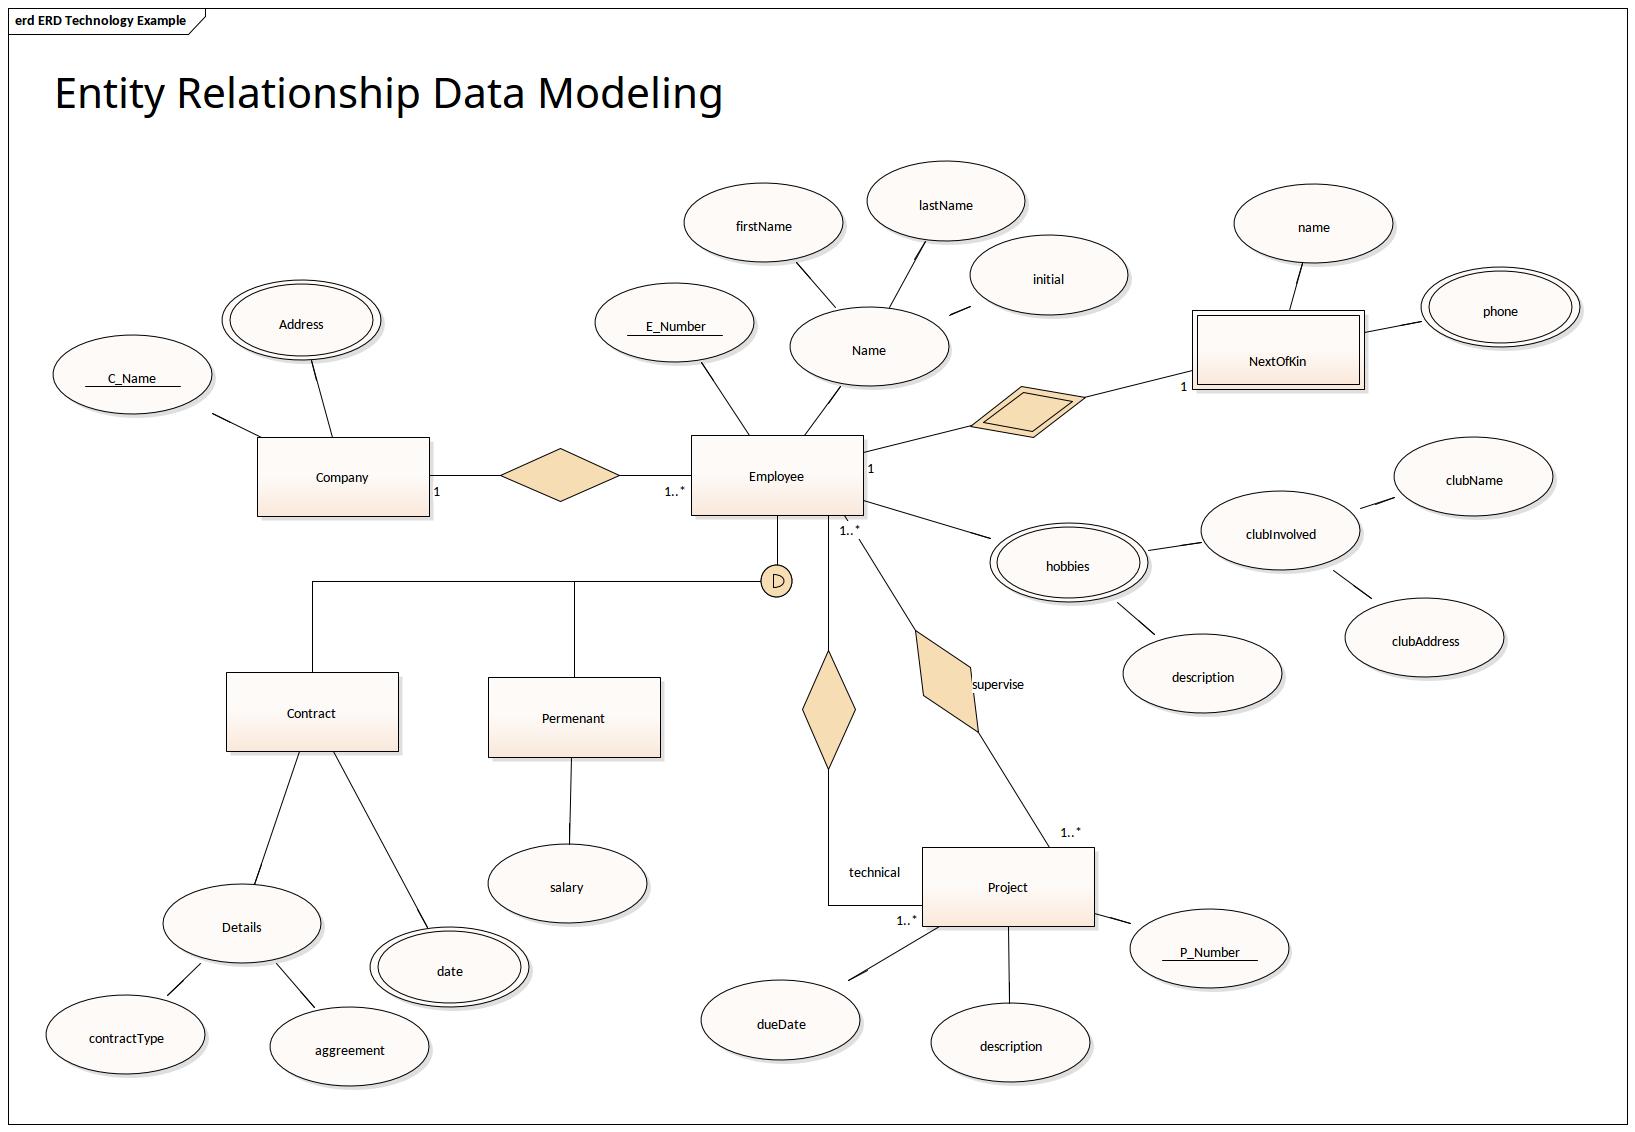 Entity Relationship Data Modeling | Enterprise Architect for Er Diagram Vs Data Model